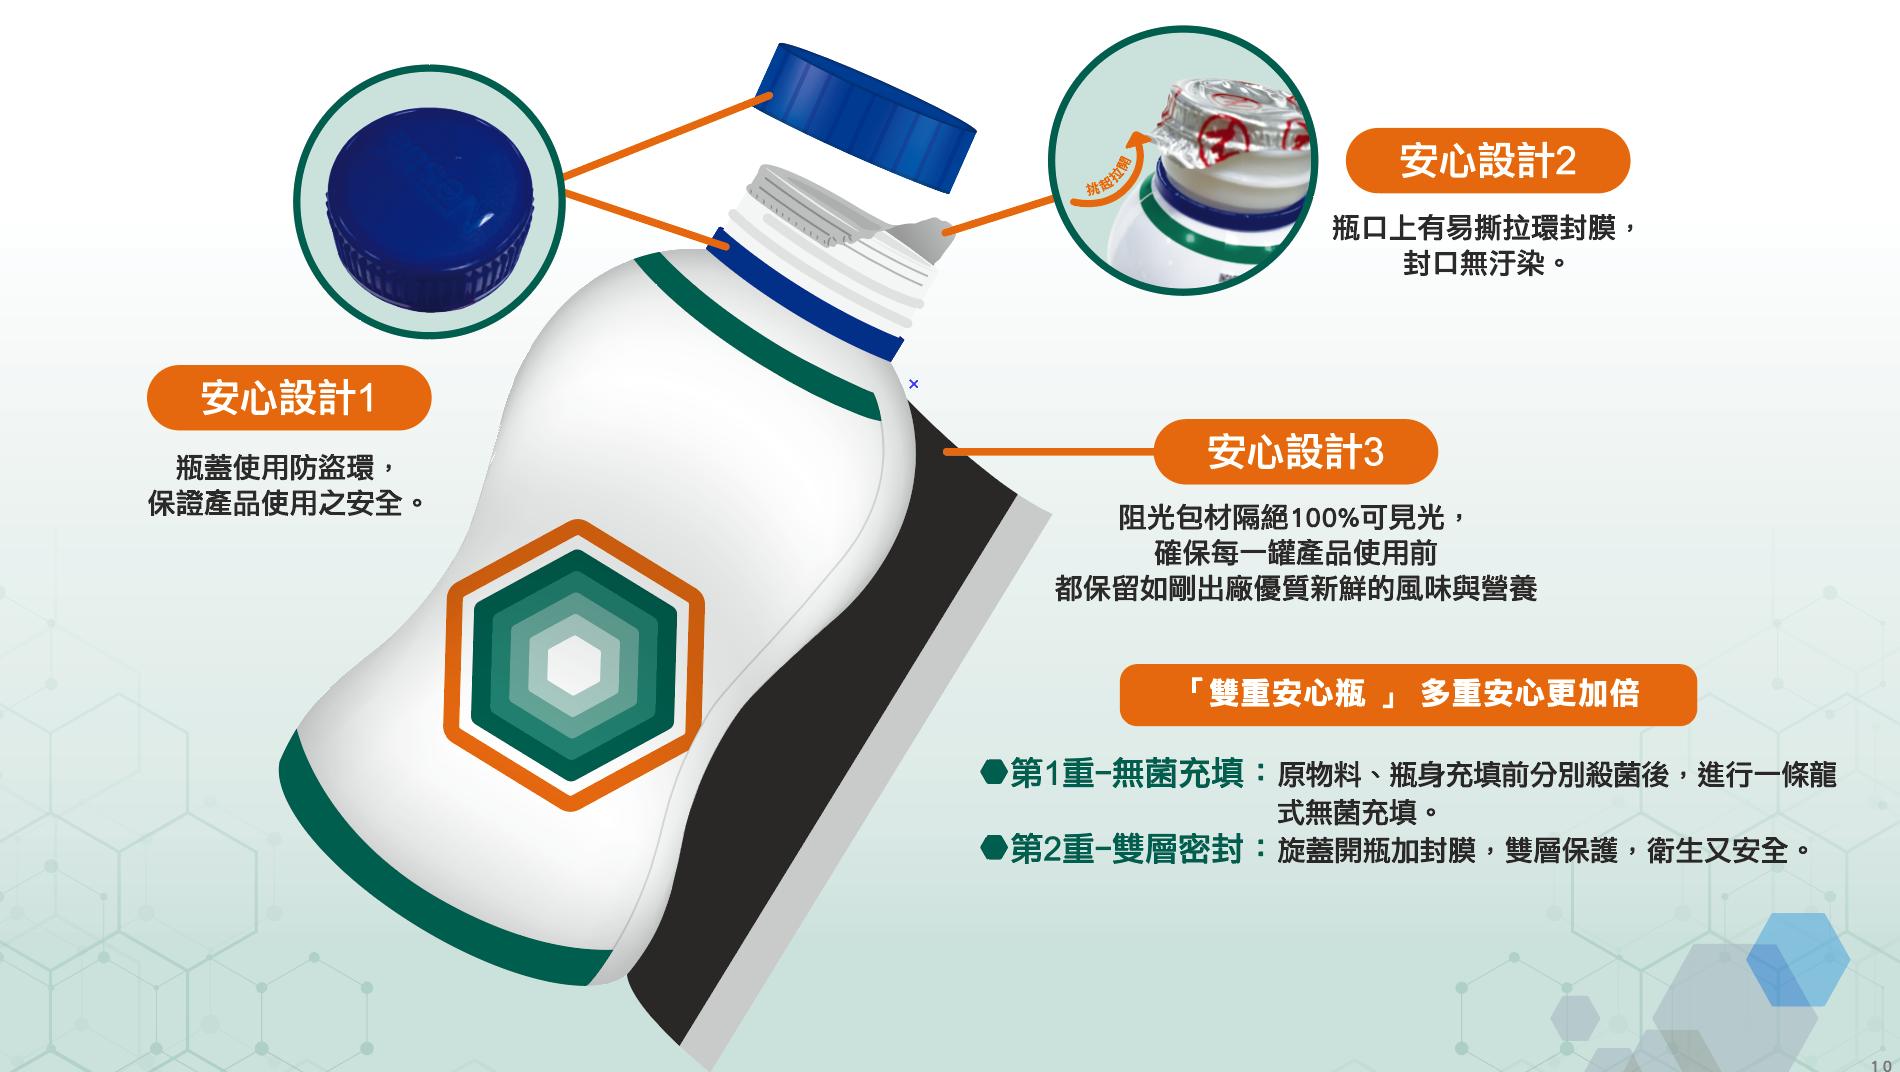 ▲雀巢愛速康推出「雙重安心瓶」,雙層密封安生又衛生(圖/資料照片)